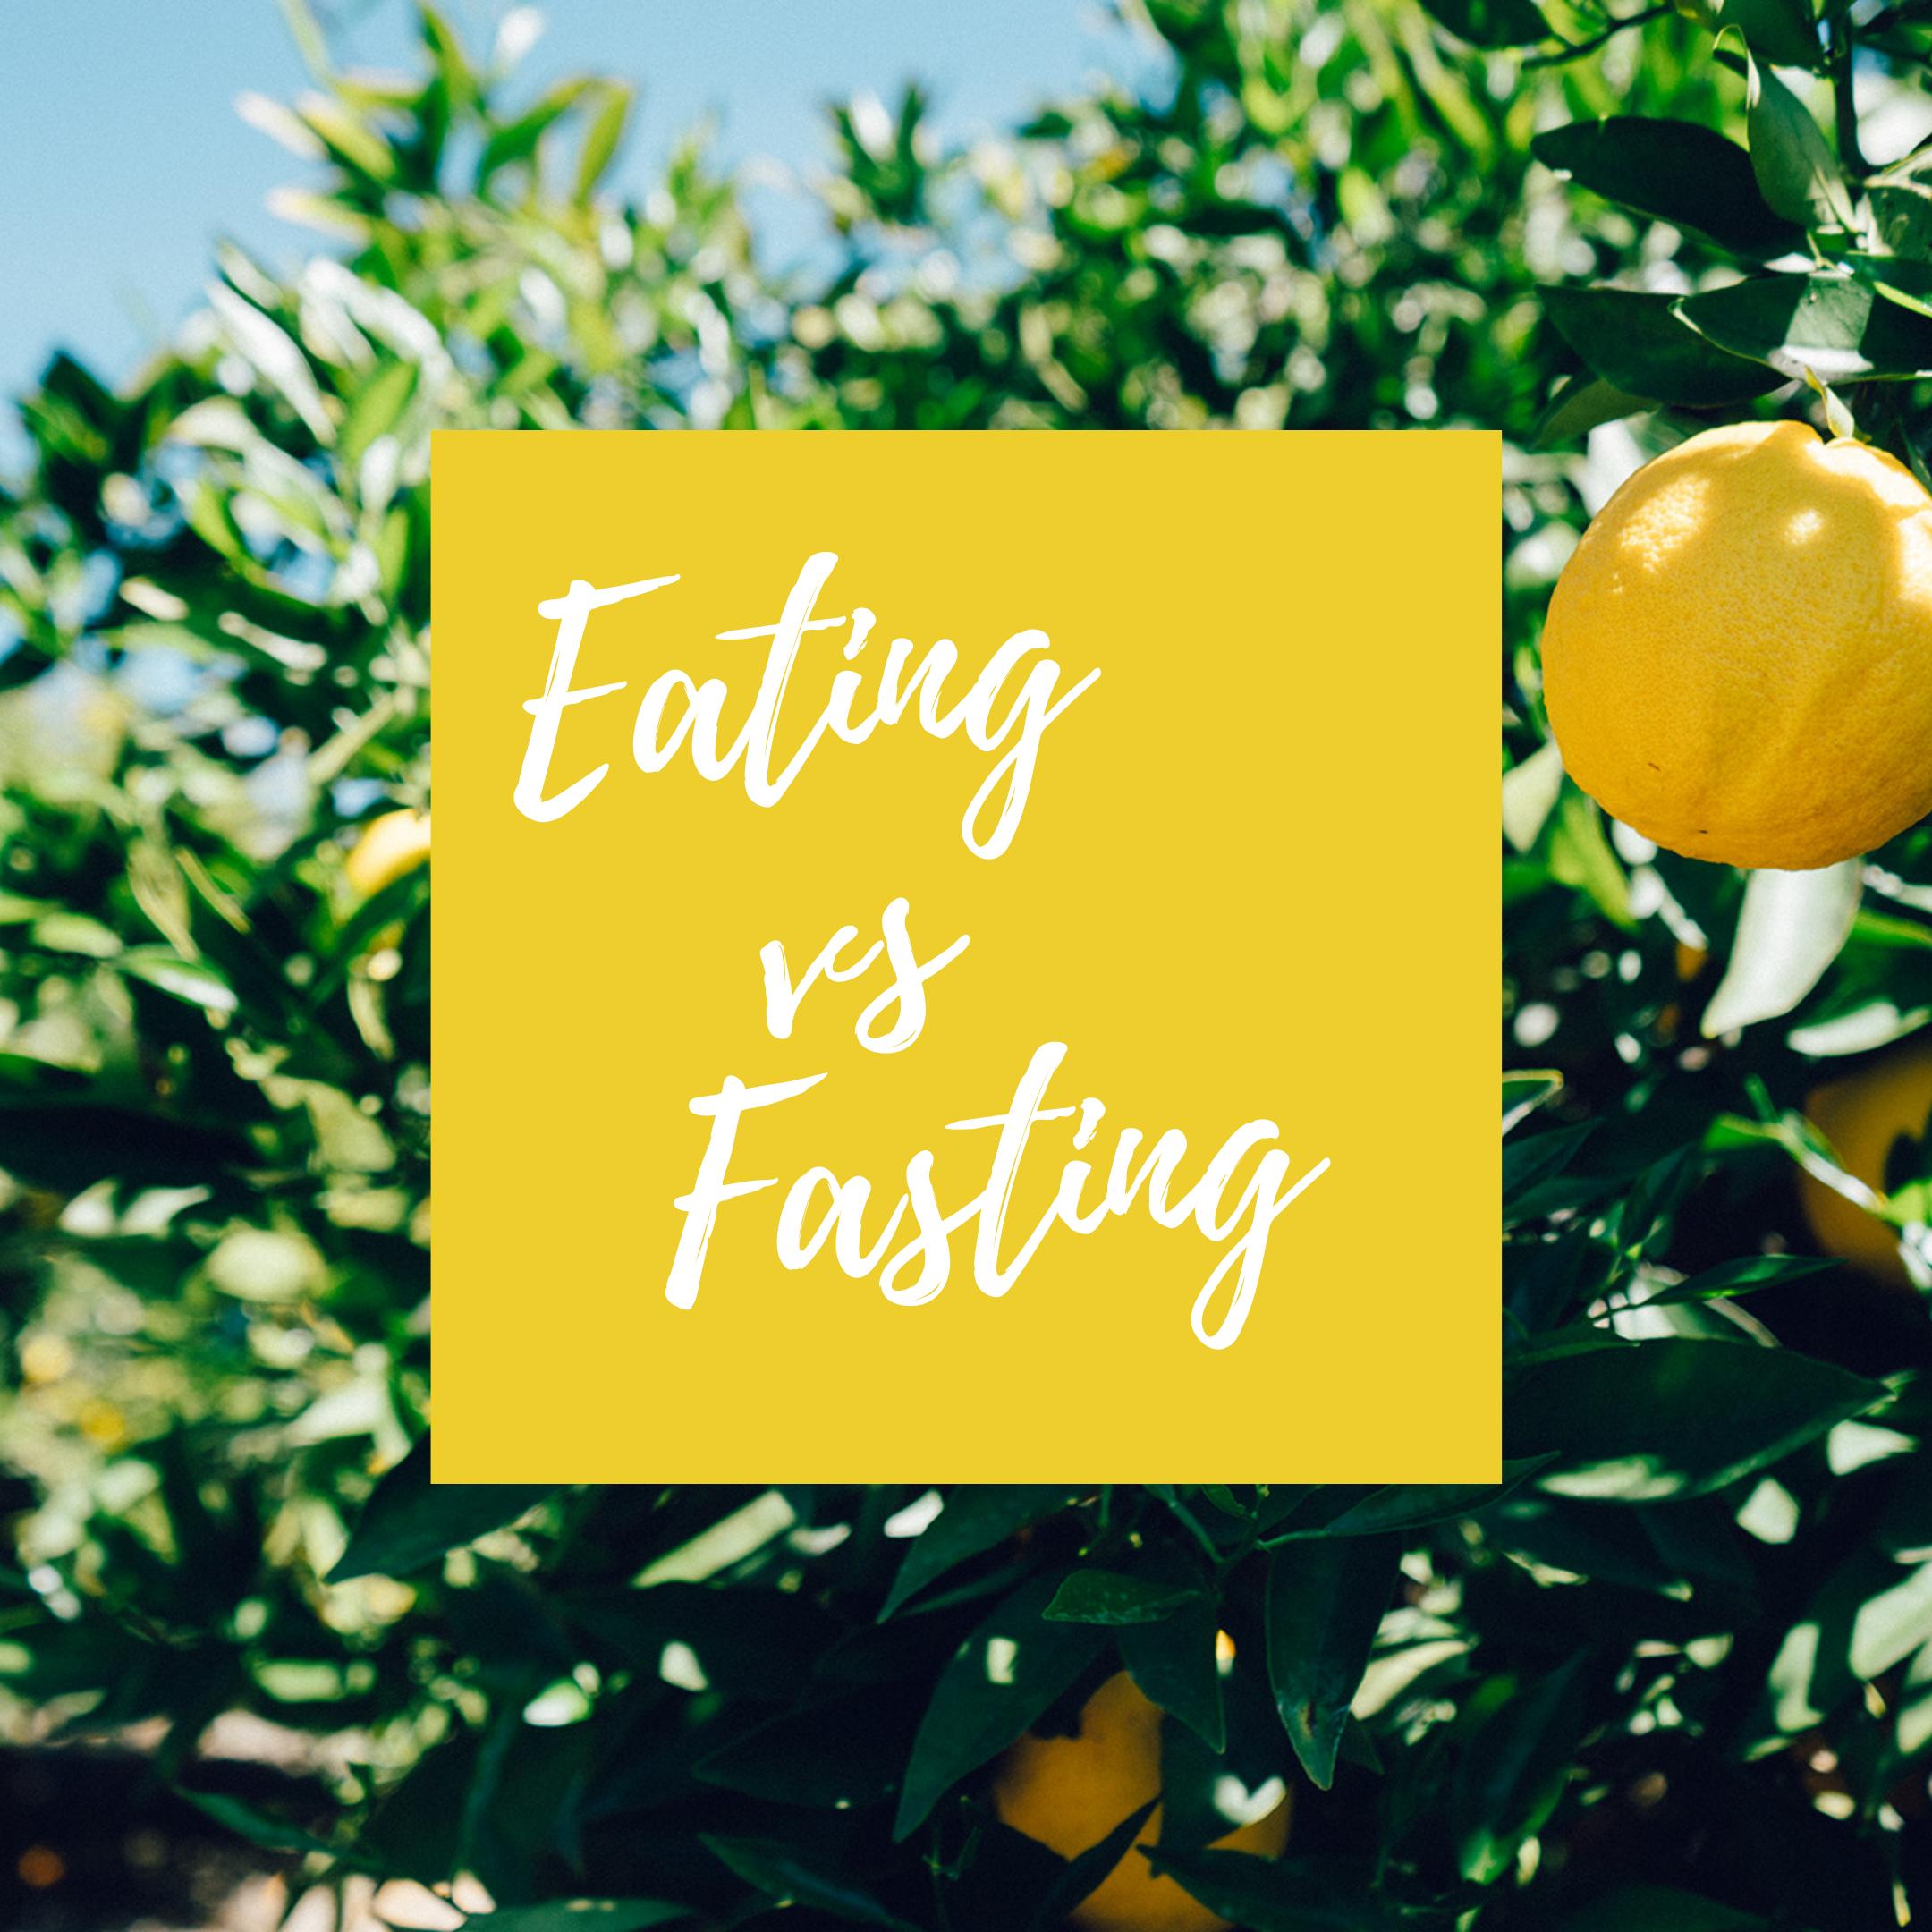 Eating Vs Fasting